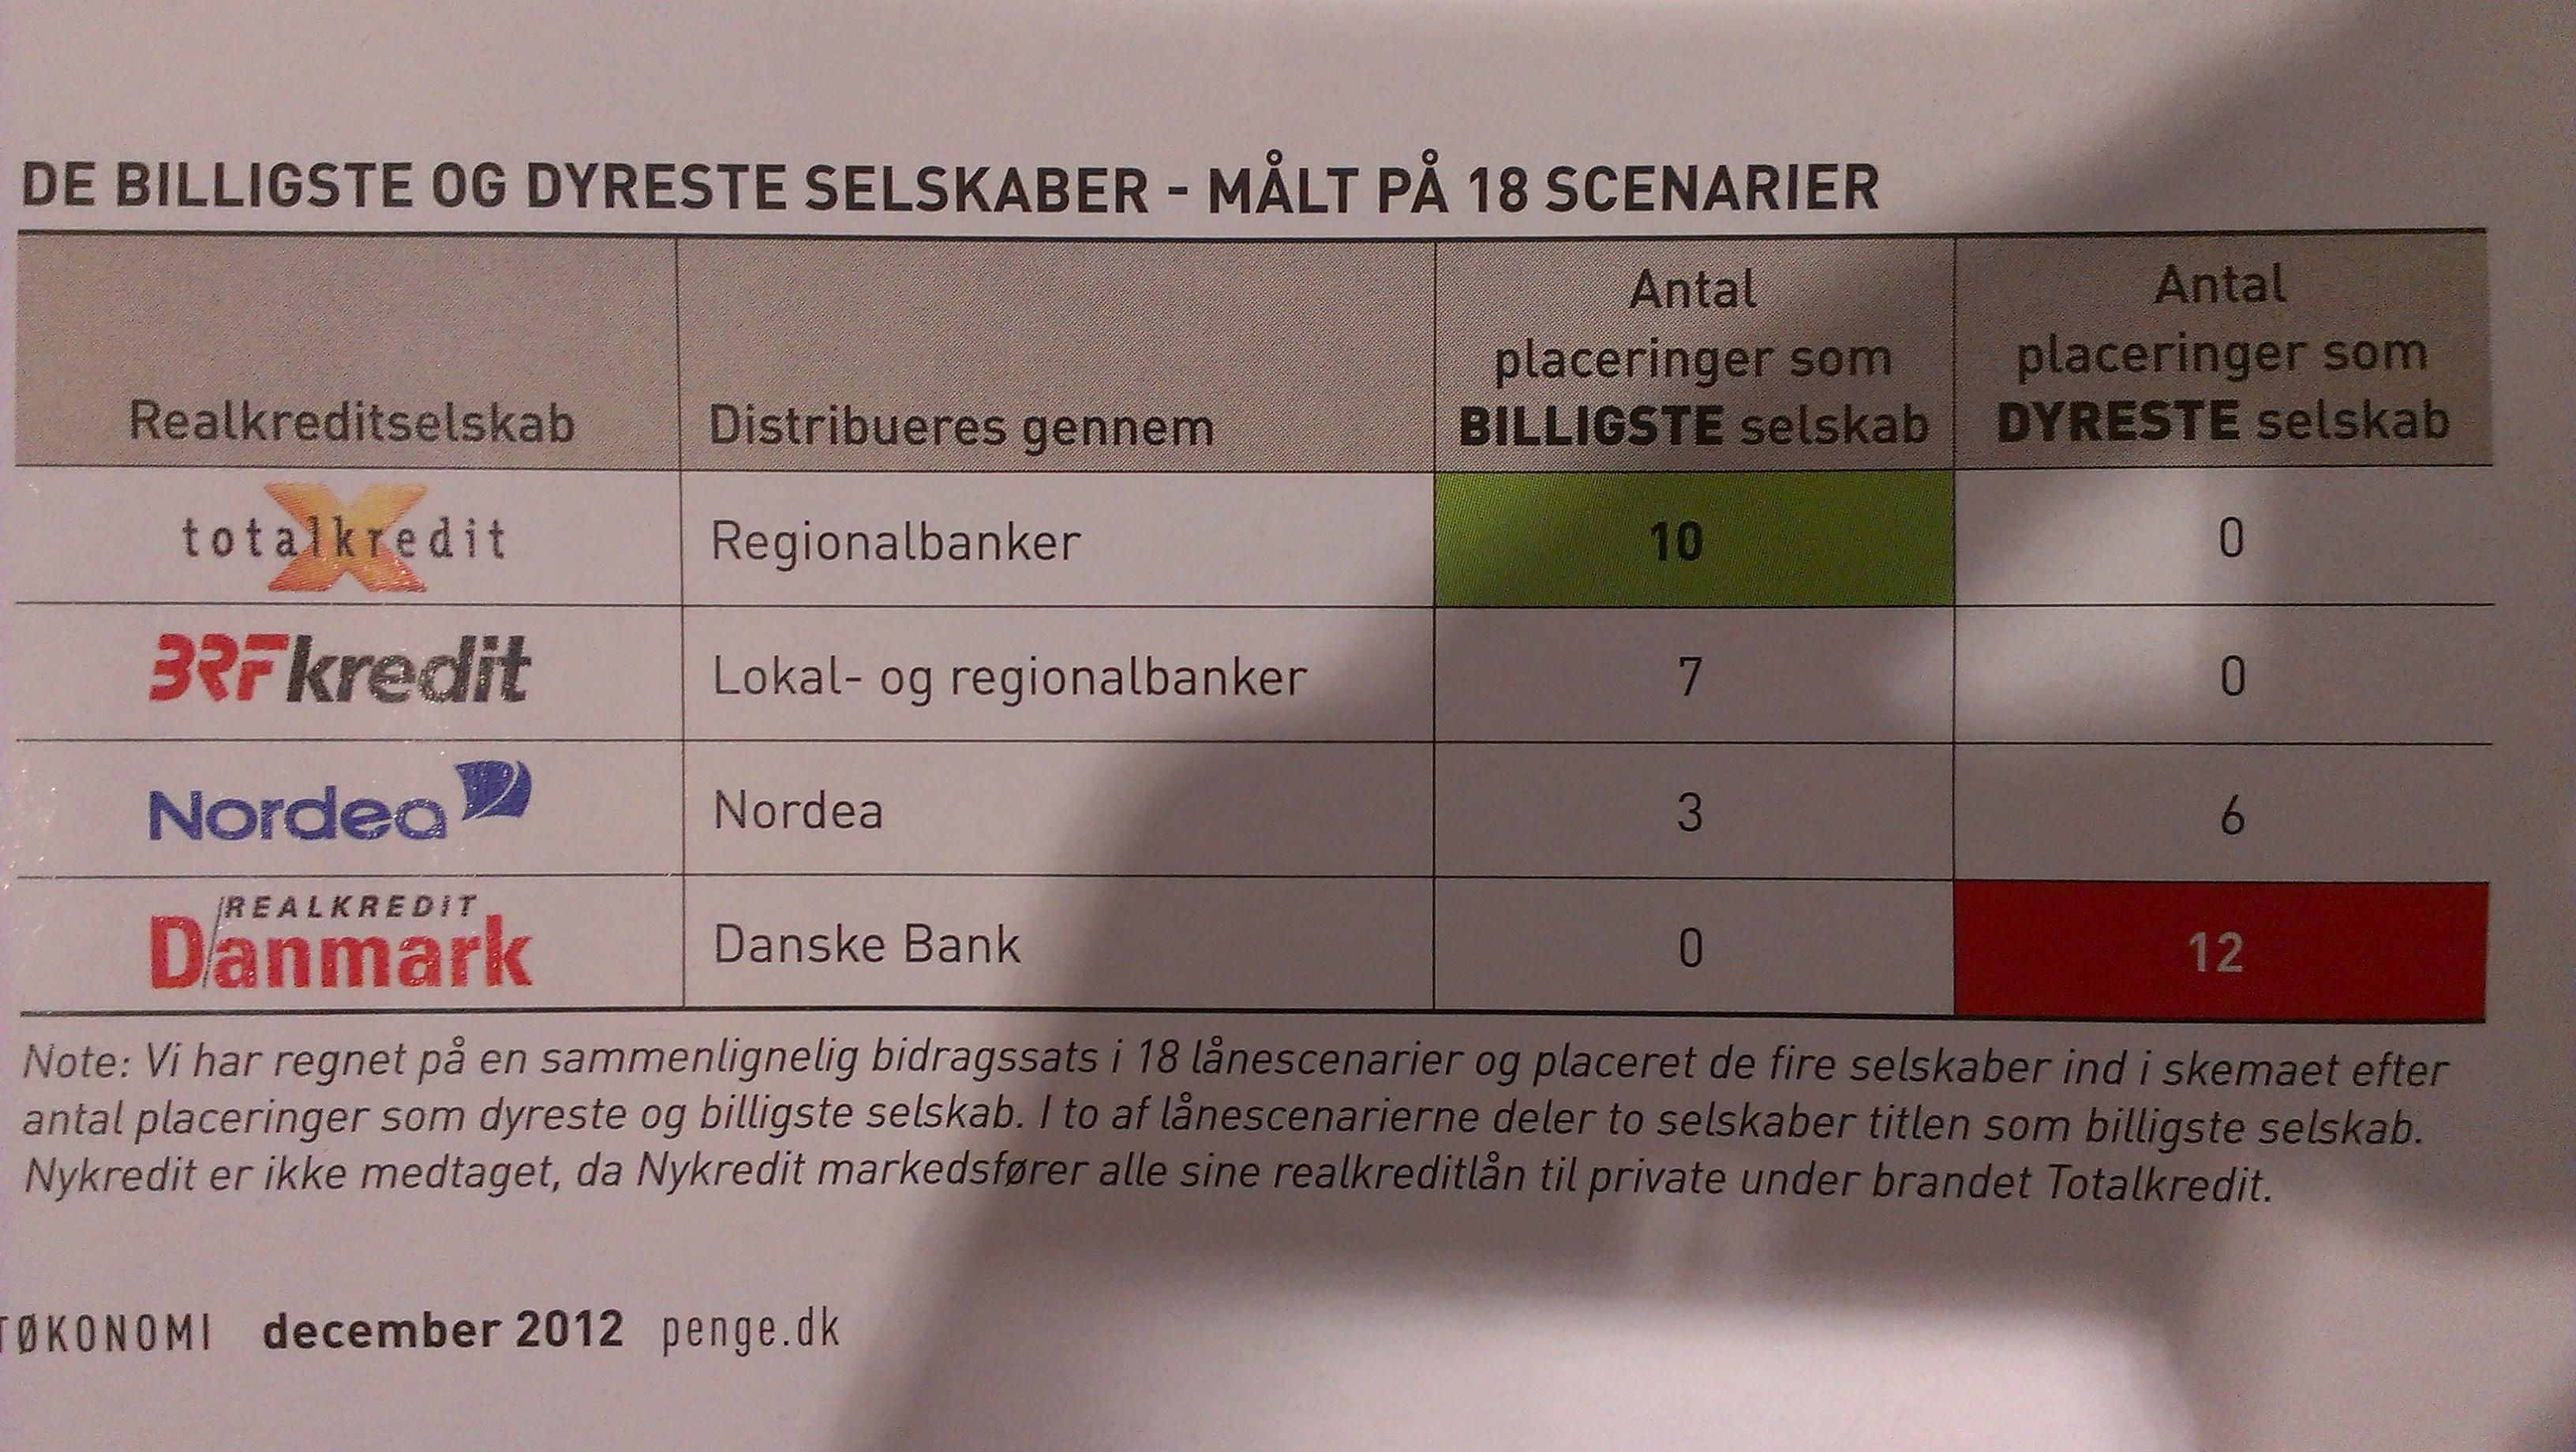 Danske realkreditinstitutter - Se dem alle 4 og det billigste her